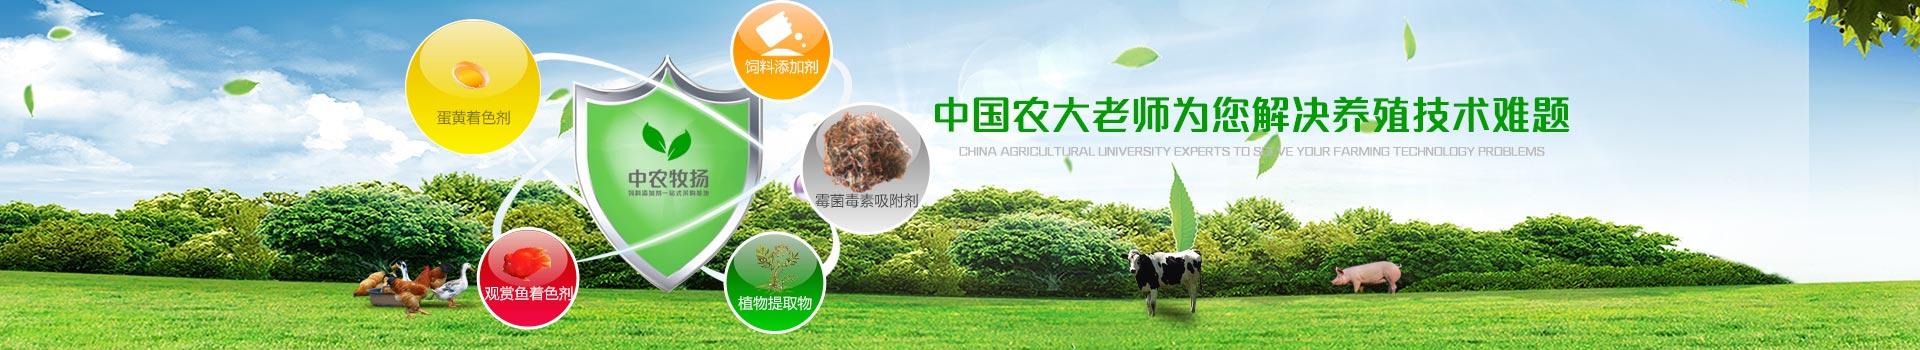 中国农大老师为您解决养殖技术难题